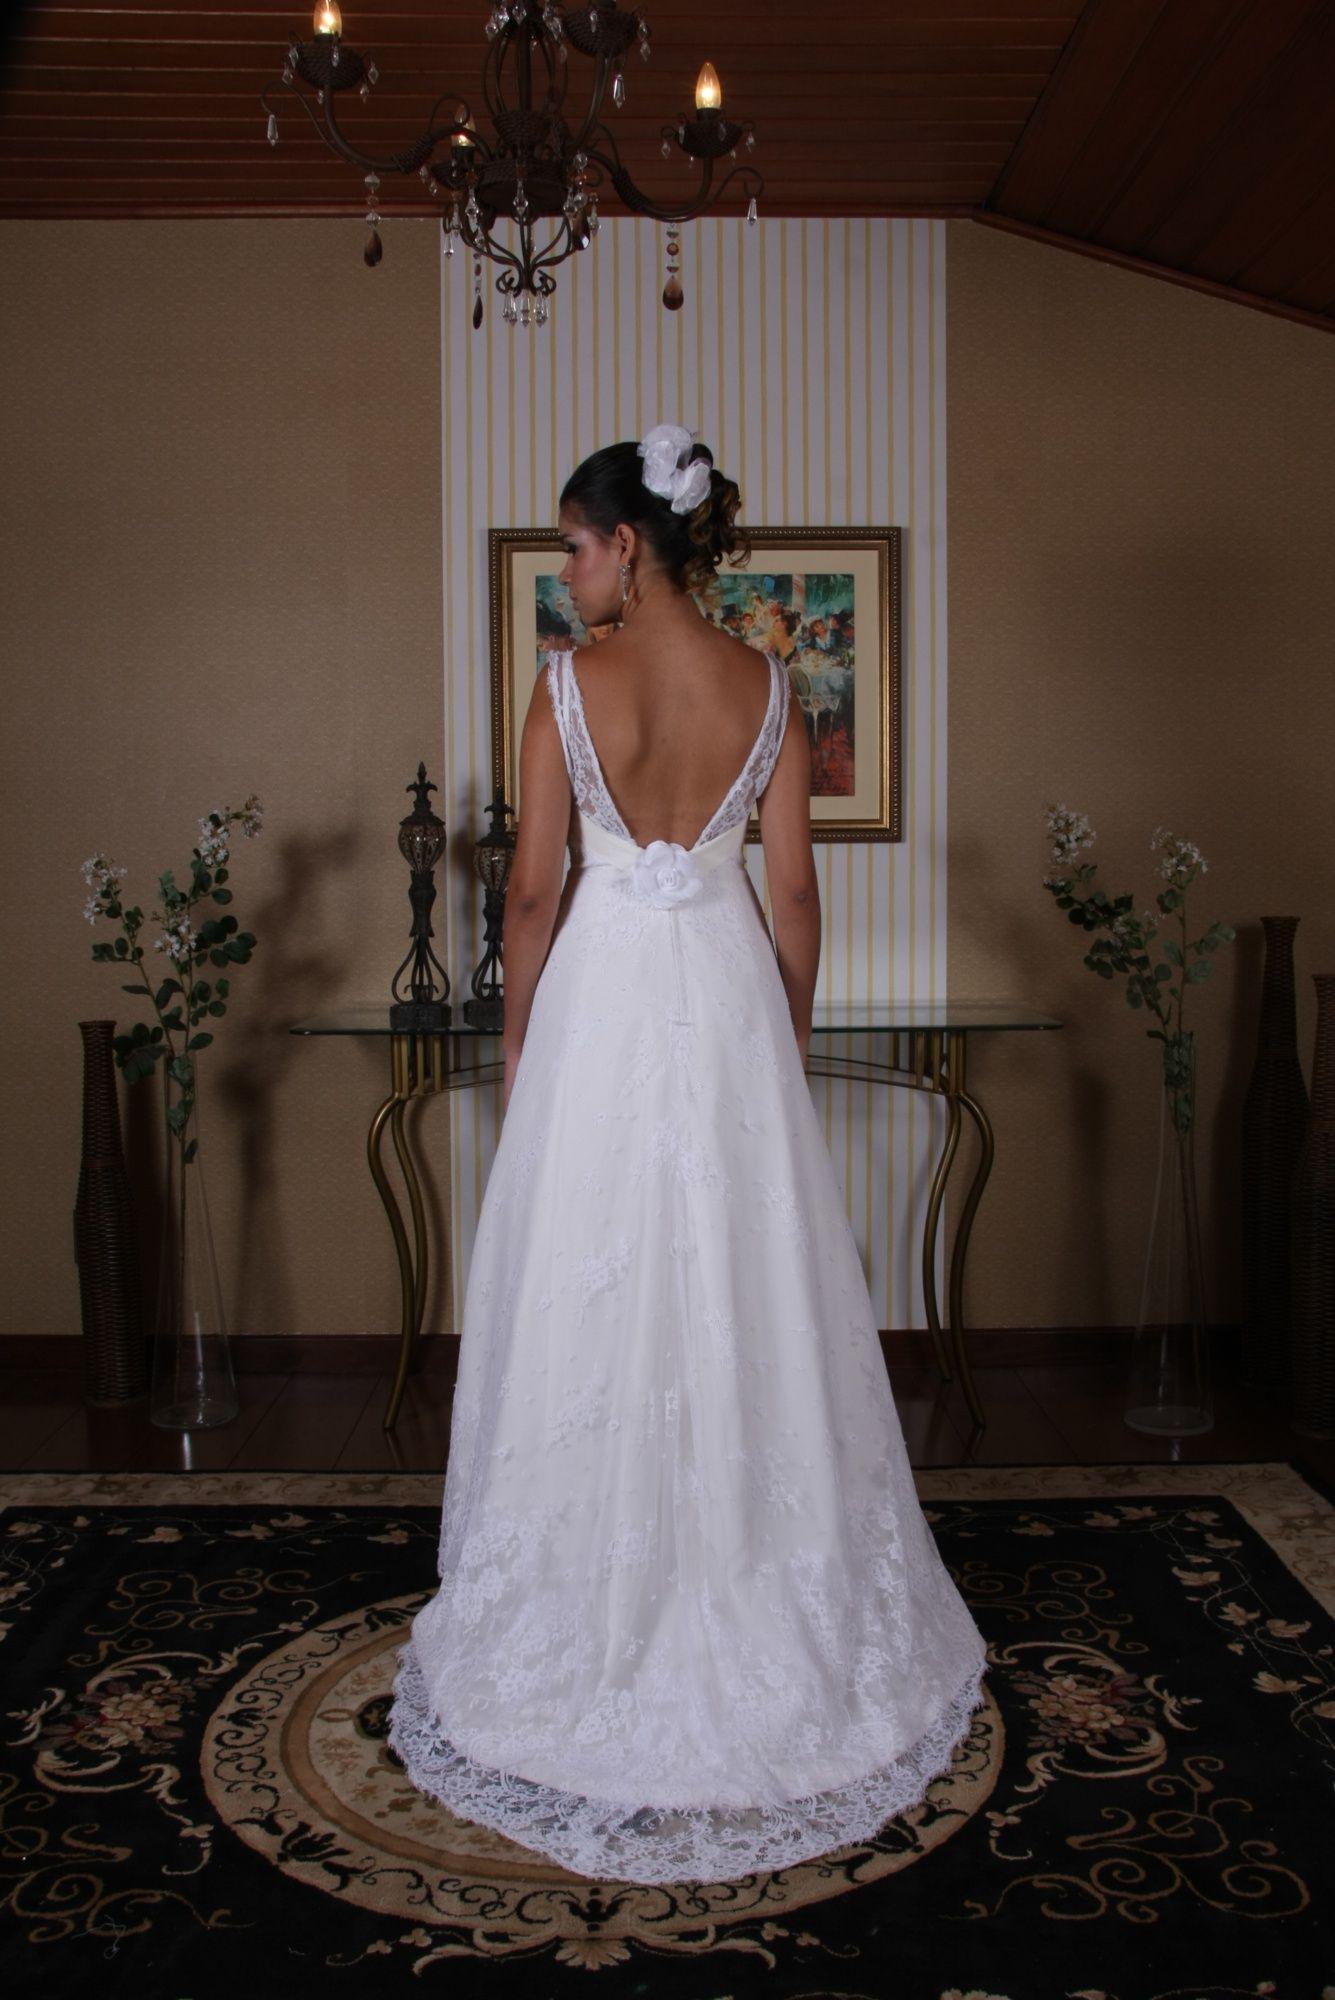 Vestido de Noiva Leve - 6 - Hipnose Alta Costura e Spa para Noivas e Noivos - Campinas - SP Vestido de Noiva, Vestido de Noiva Leve, Hipnose Alta Costura